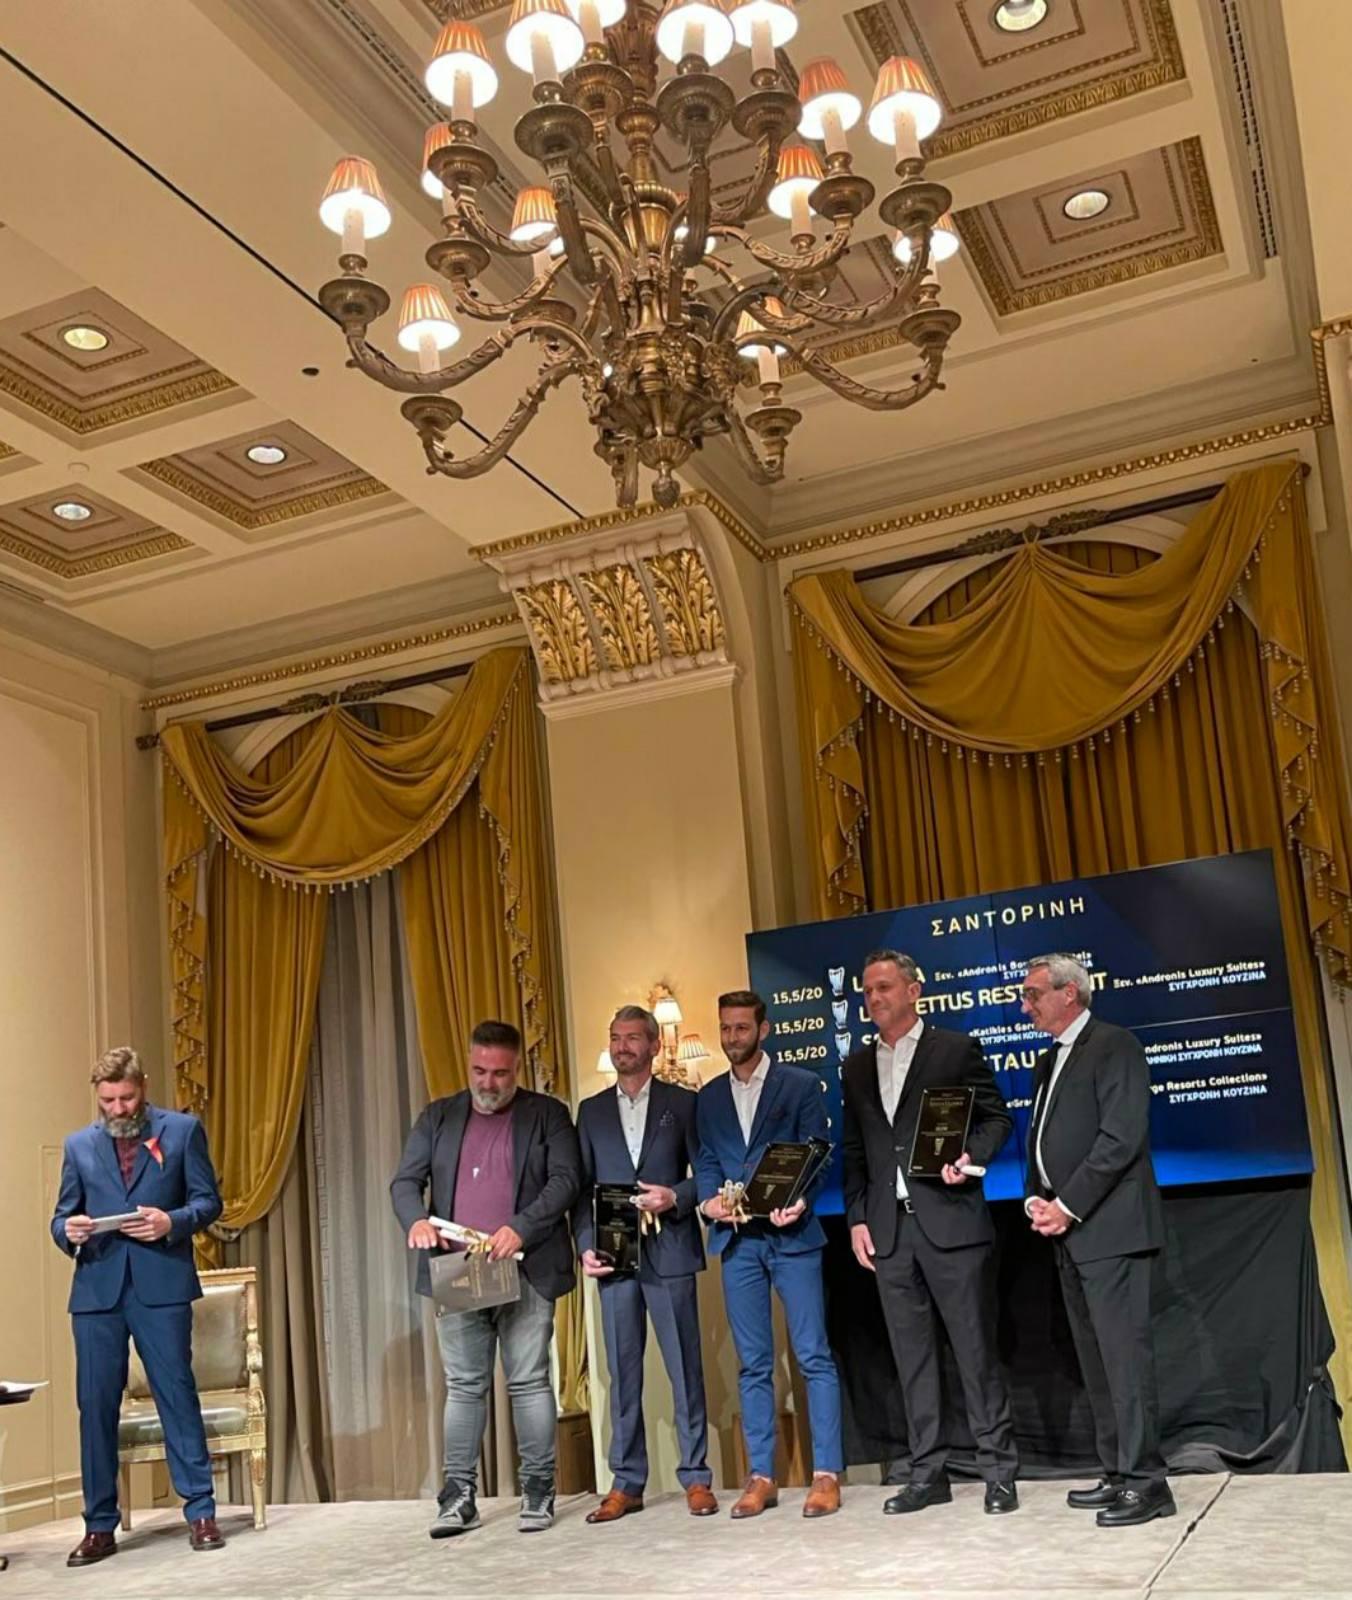 Κυριάρχησαν ξανά τα εστιατόρια του Νοτίου Αιγαίου στην απονομή των Χρυσών Σκούφων 2021